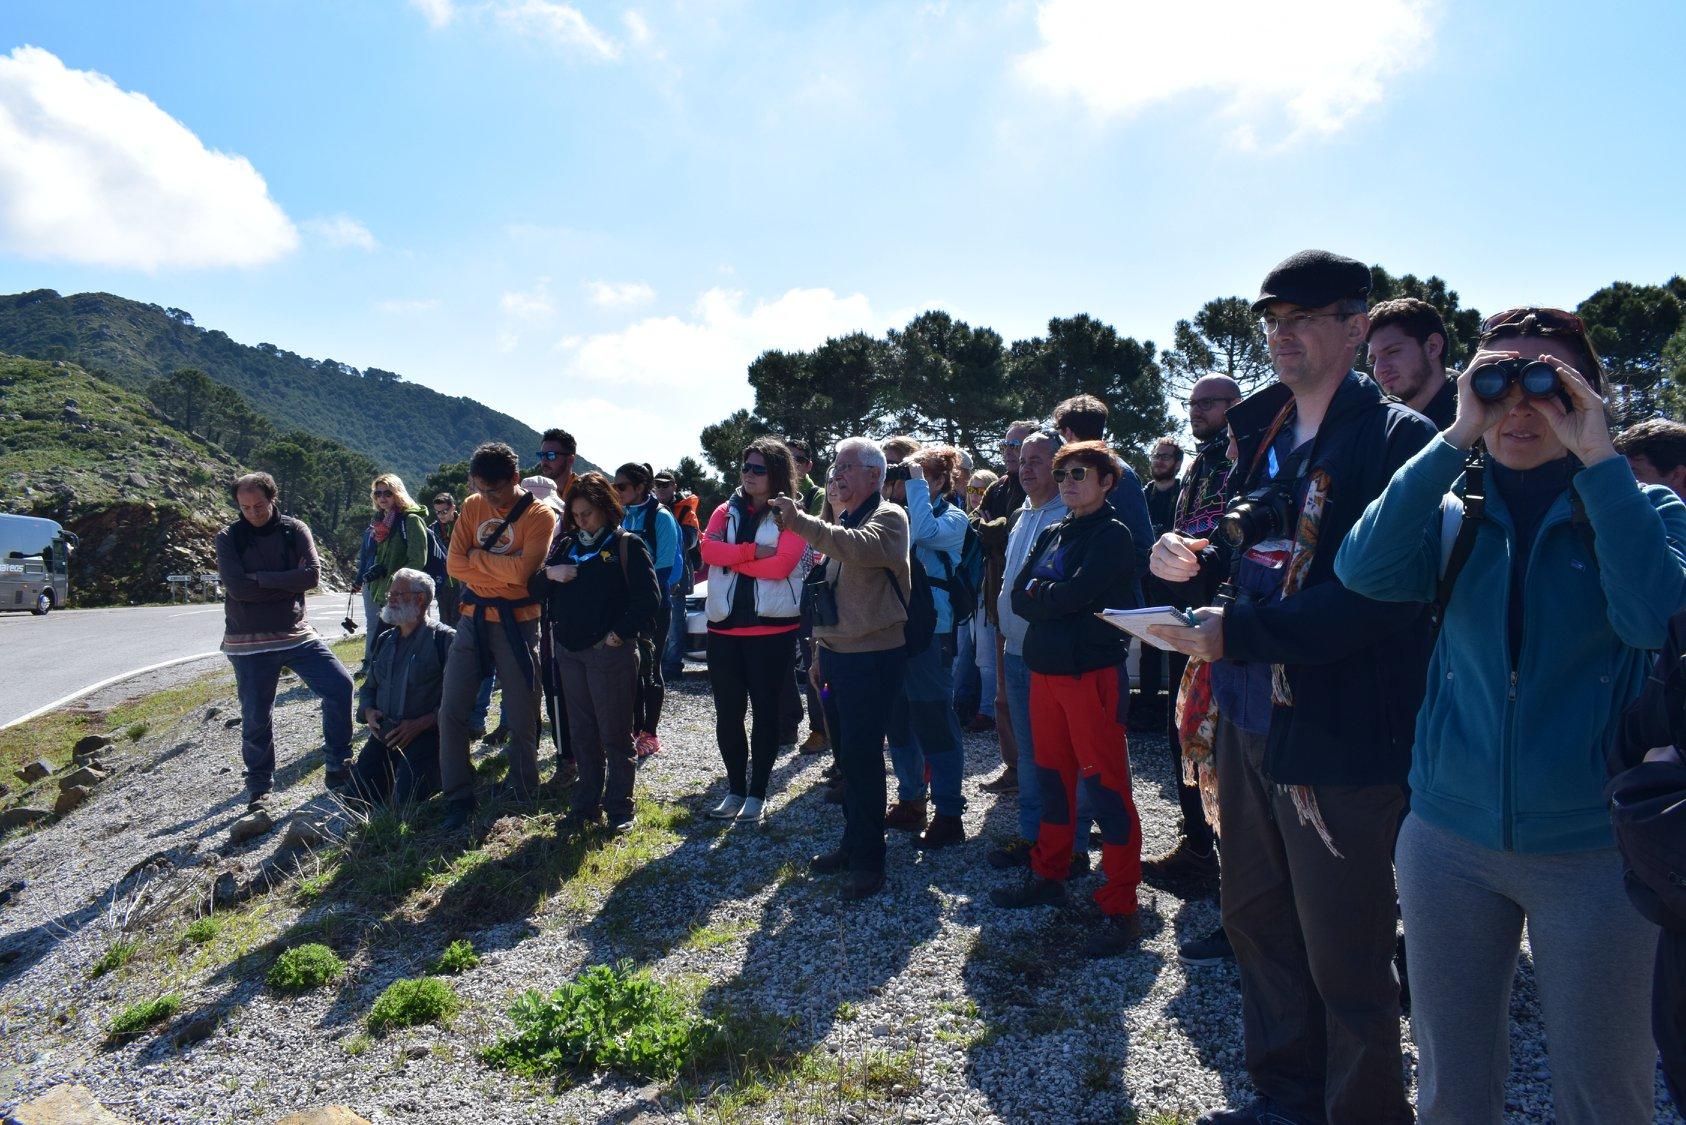 José Antonio Castillo. Jornada sobre Sierra Bermeja organizada por FGUMA en Casares